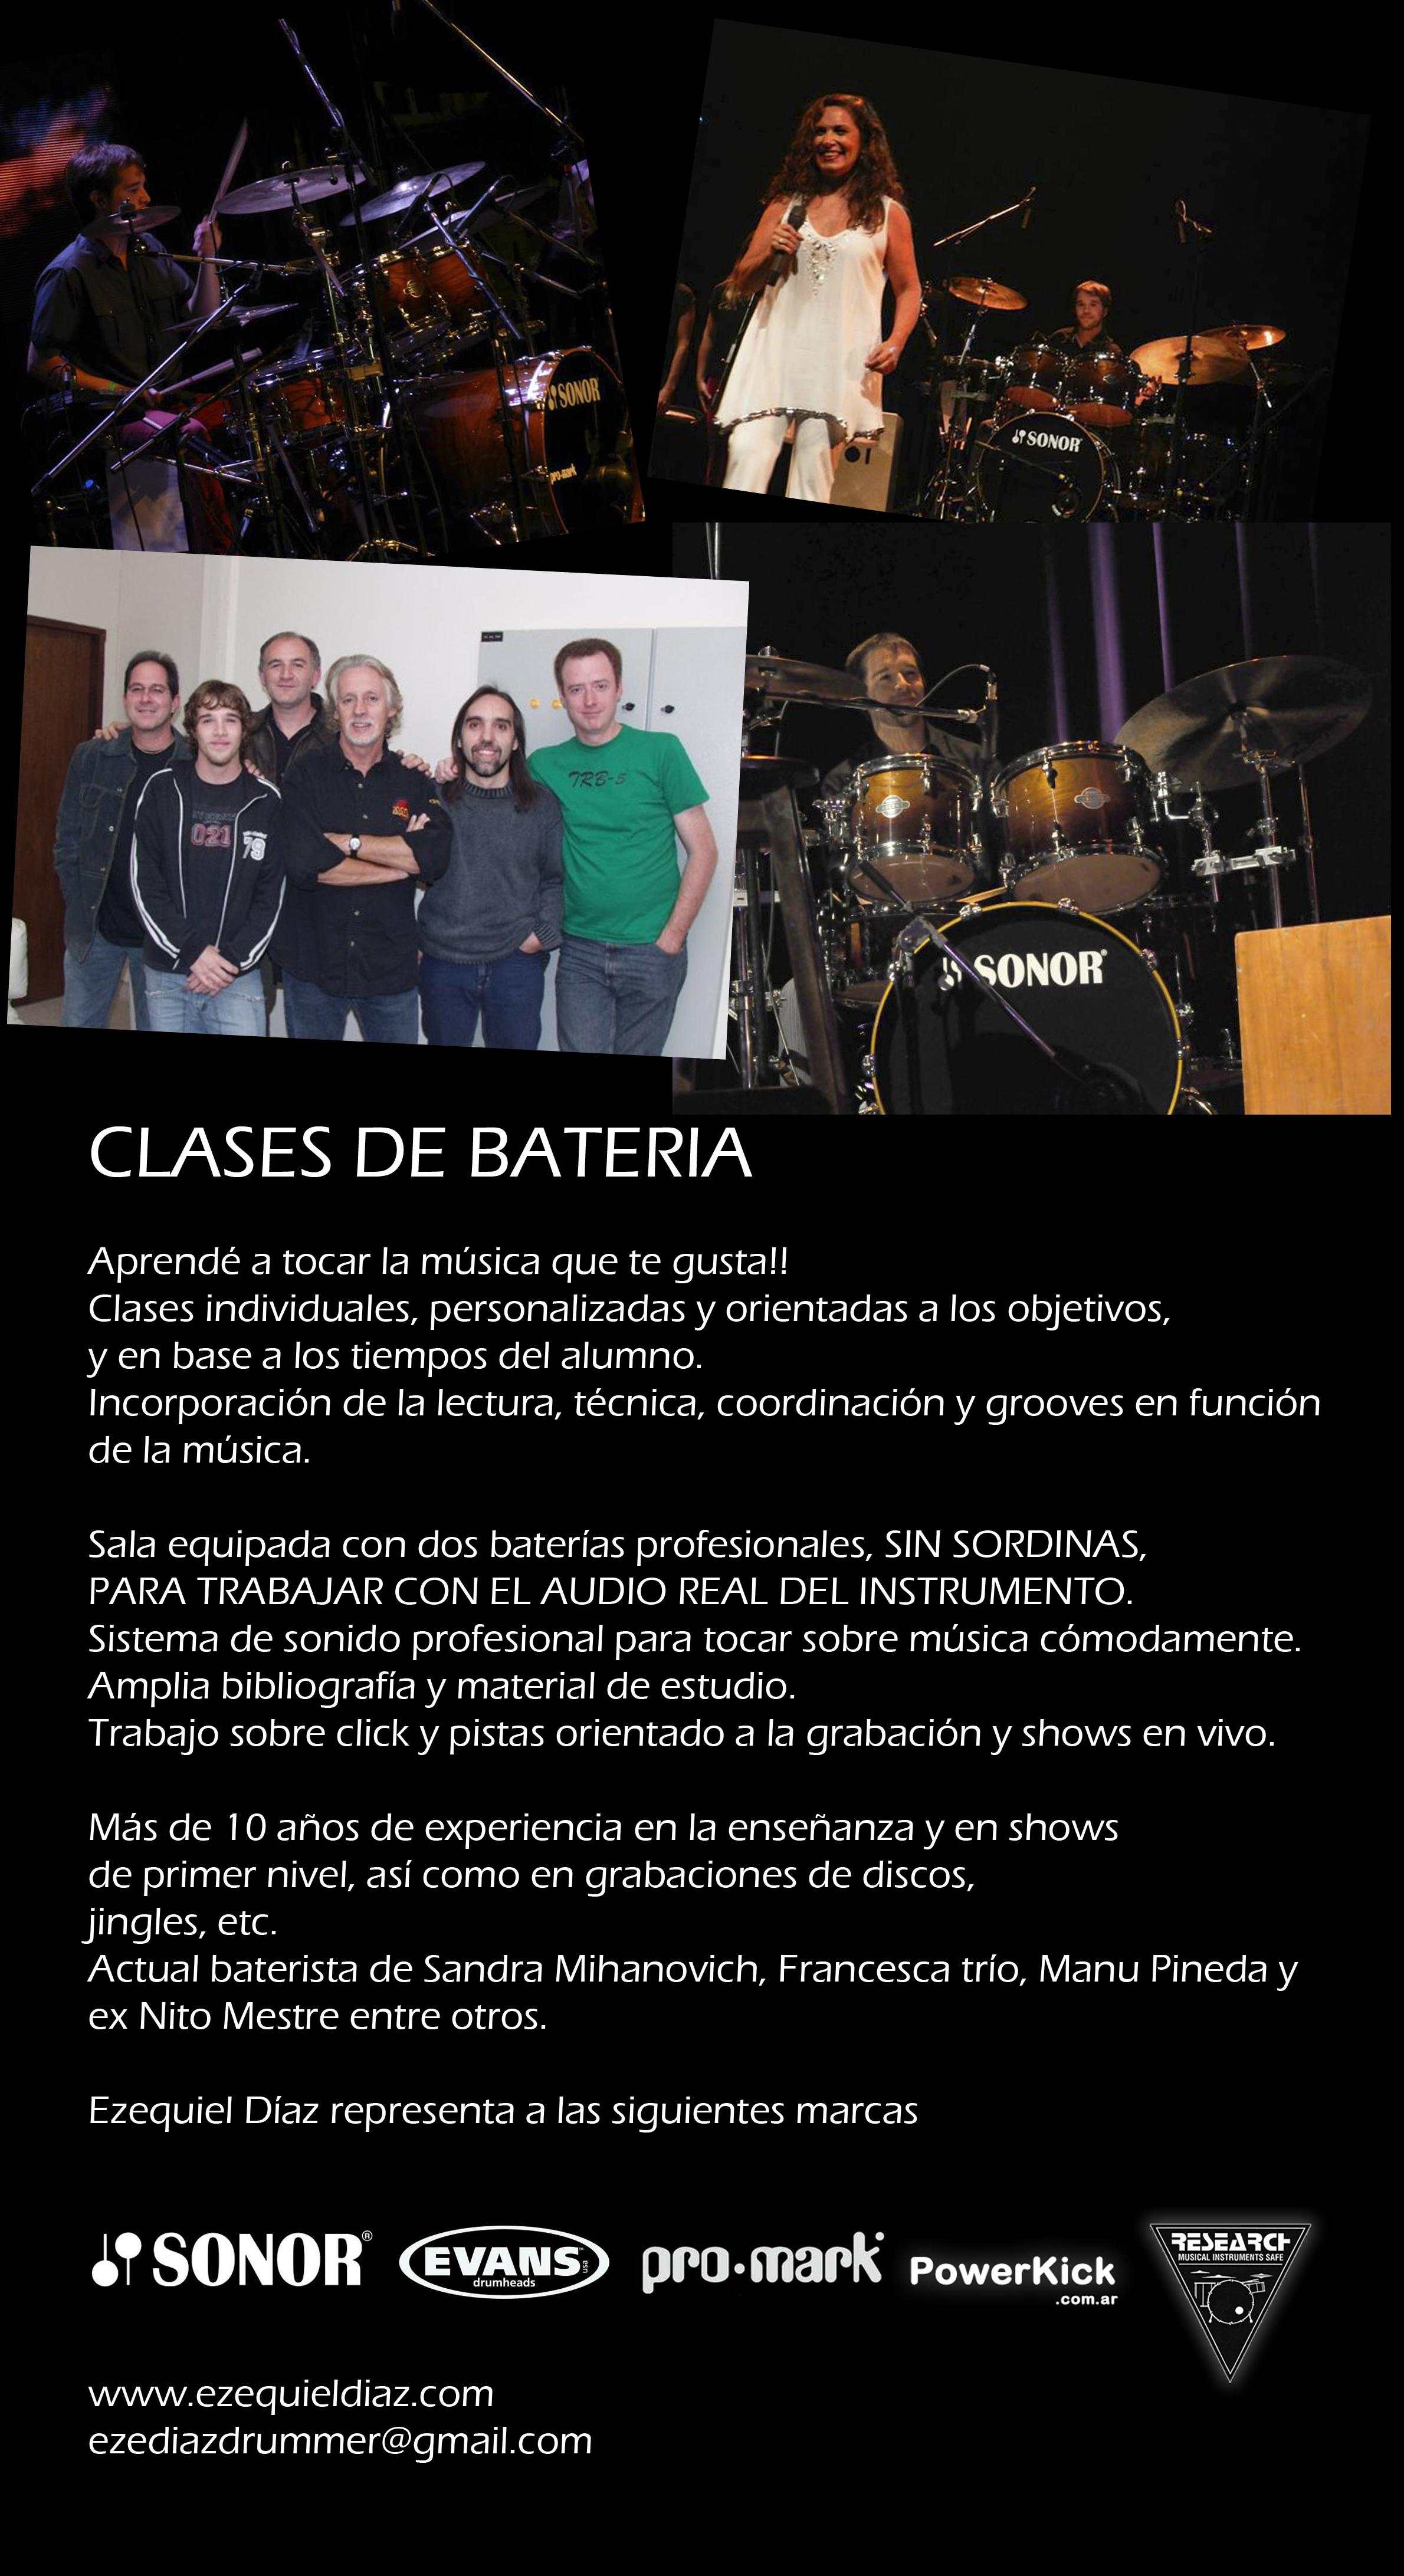 Clases de batería por Ezequiel Díaz